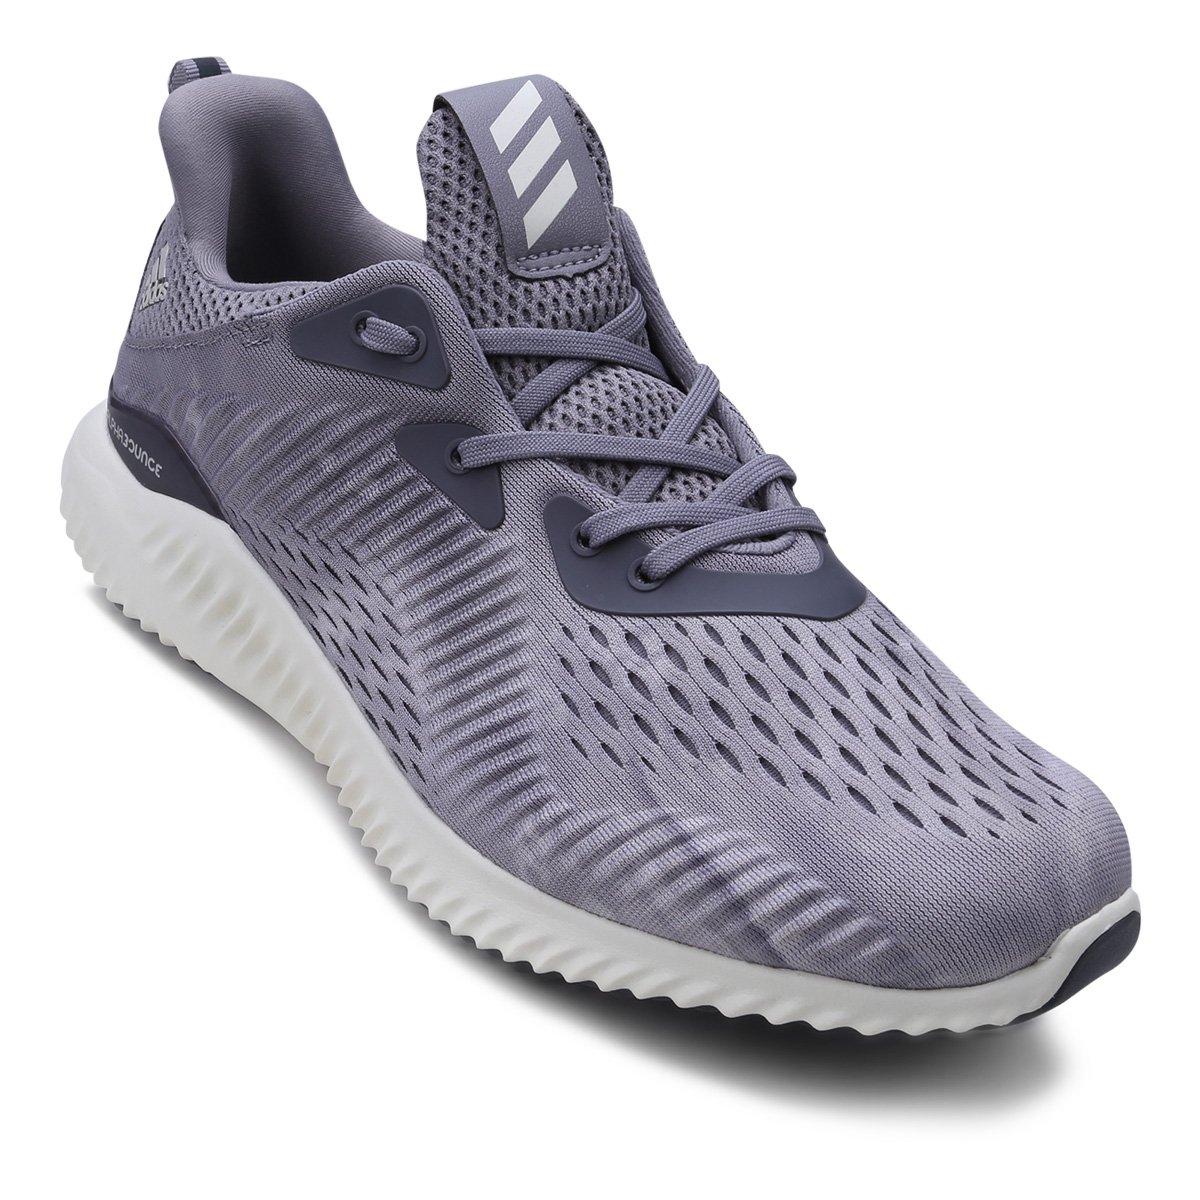 36cf877b72 Tênis Adidas Alphabounce Masculino - Cinza - Compre Agora